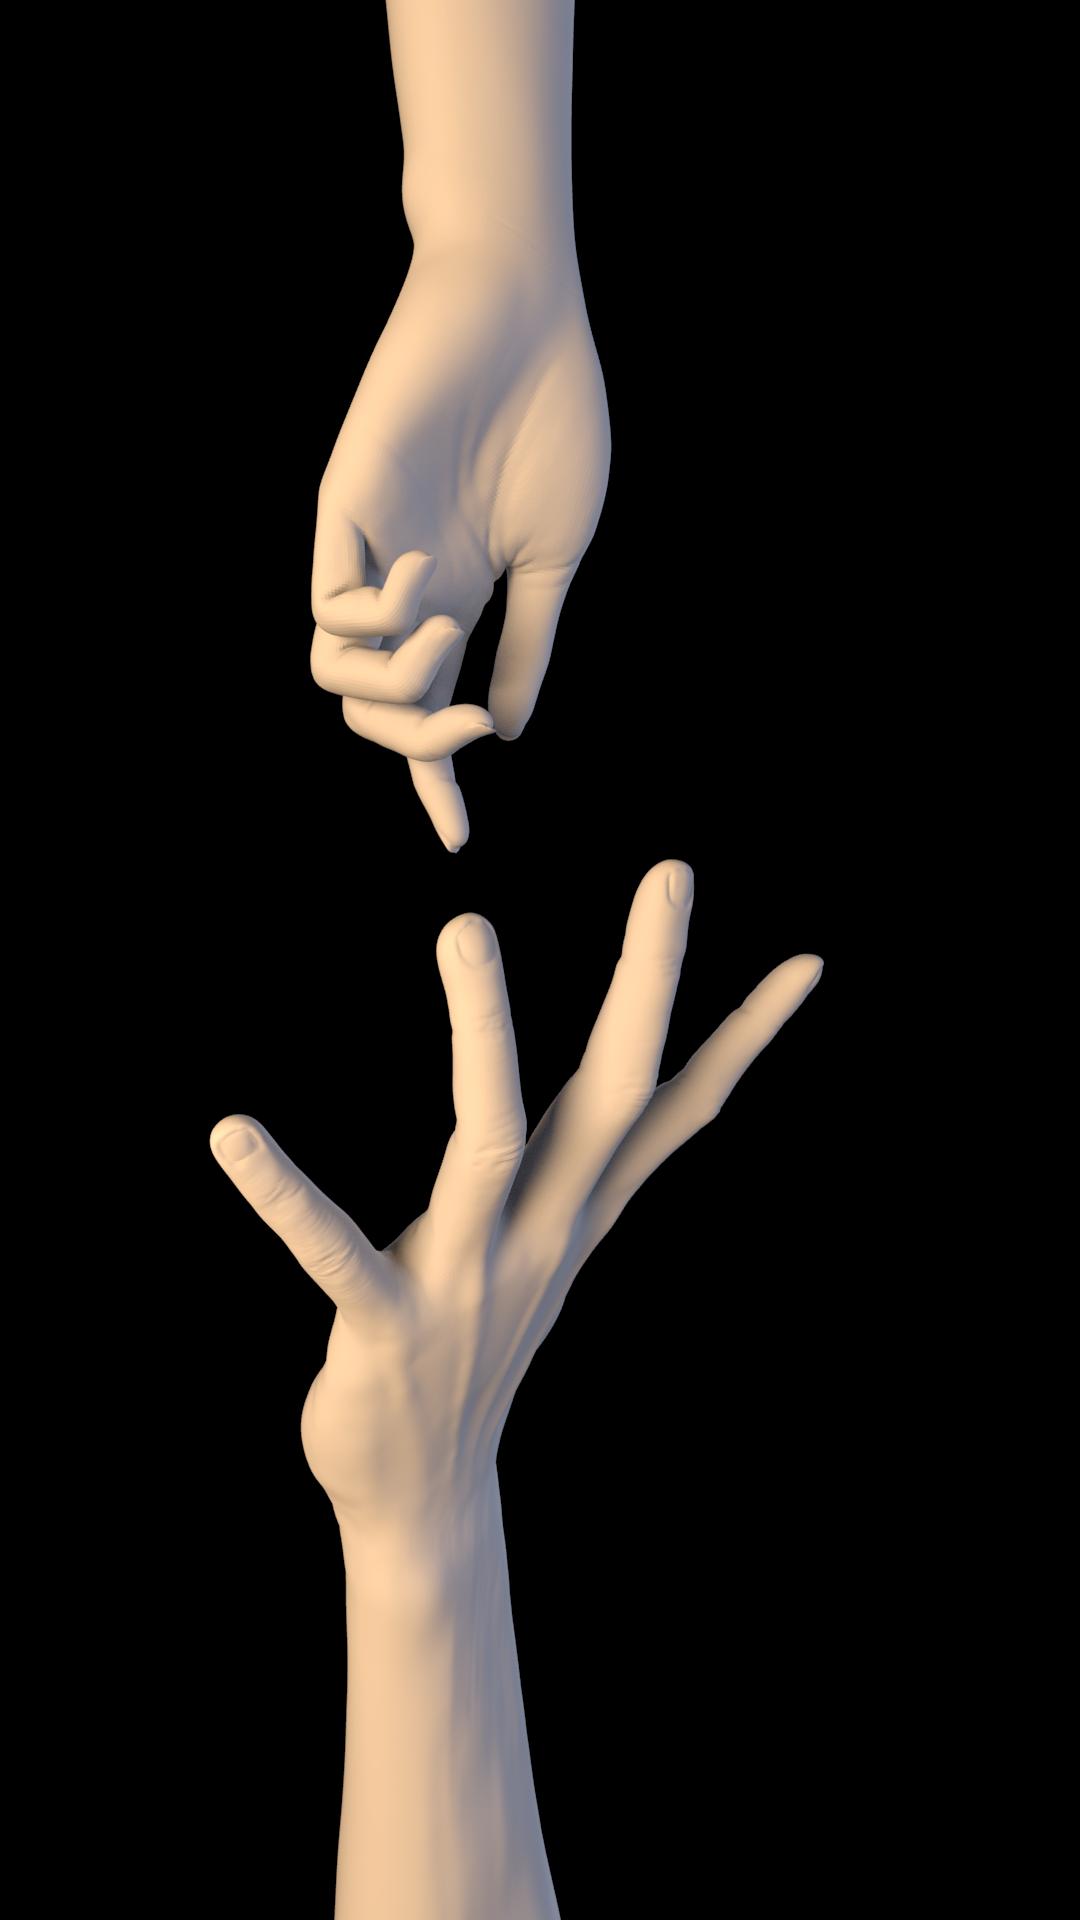 Hands 0060 Mrantilife